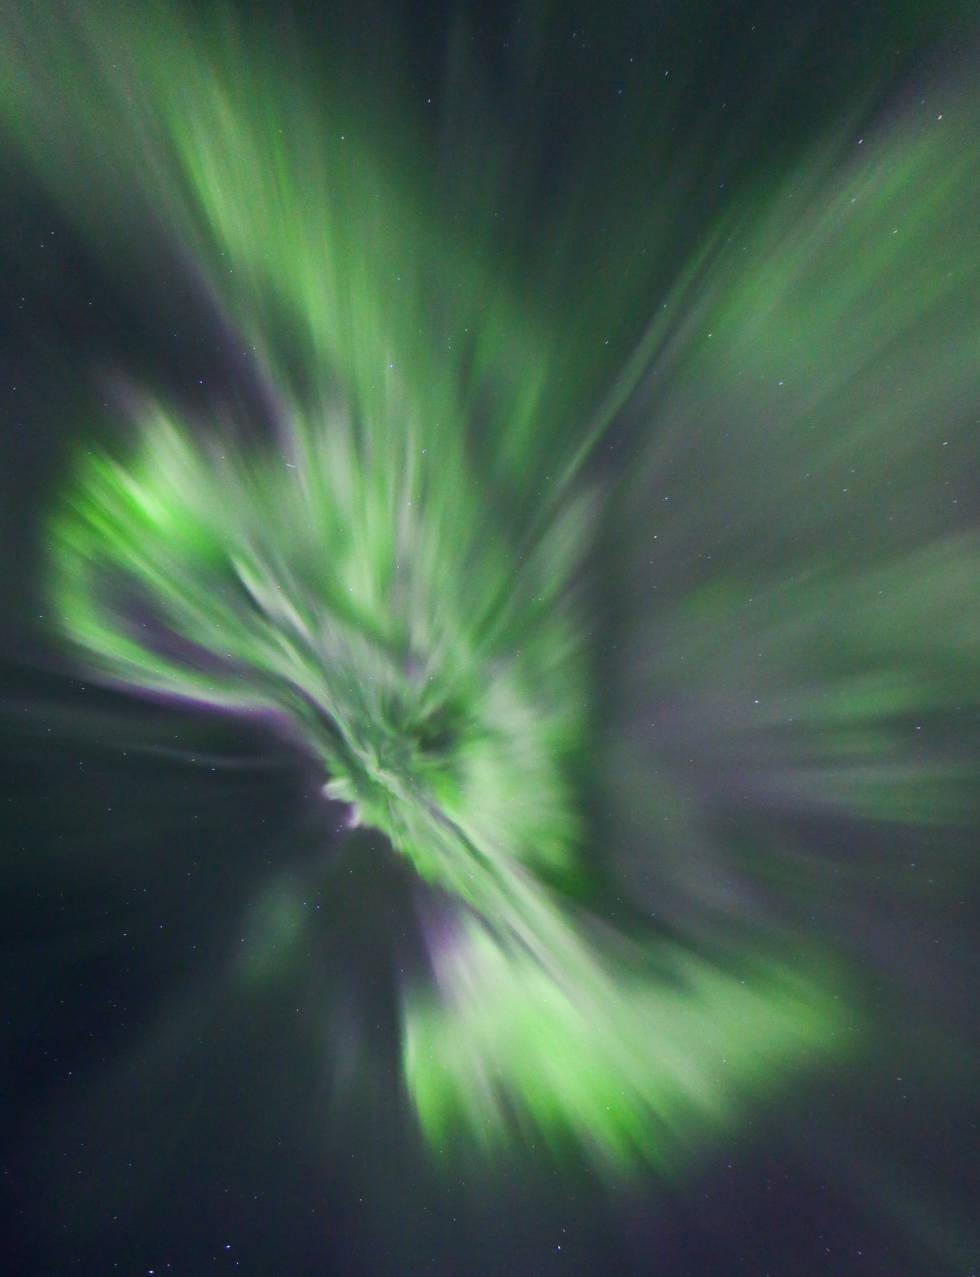 nordlys aurora boralis